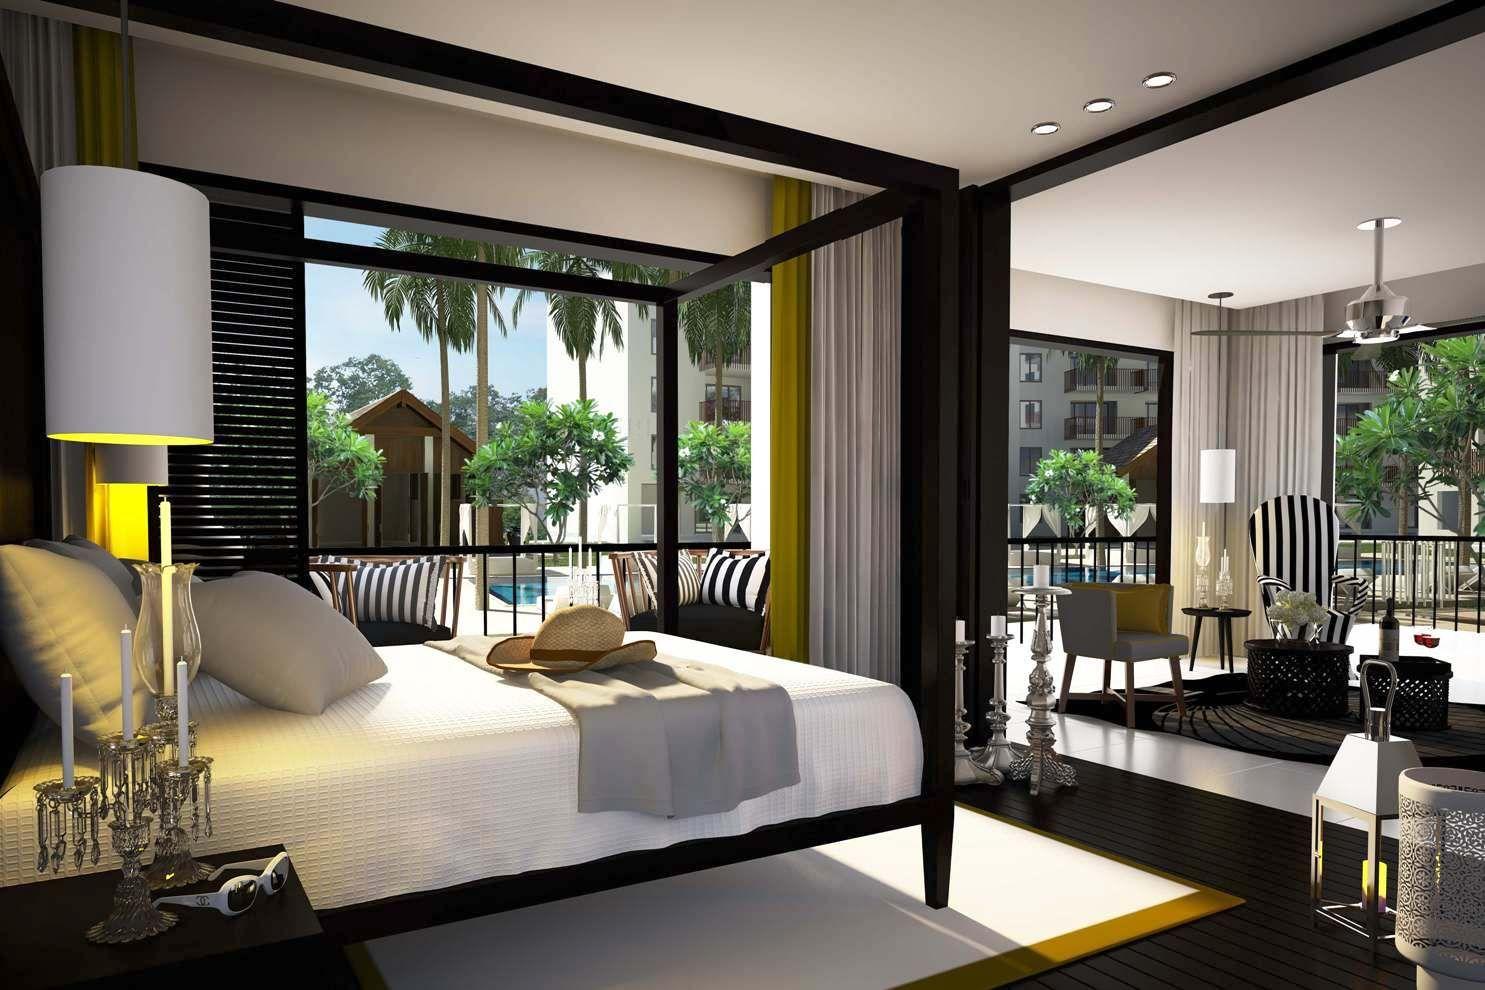 Romantisches schlafzimmer interieur  romantische schlafzimmerdesigns  architektur  pinterest